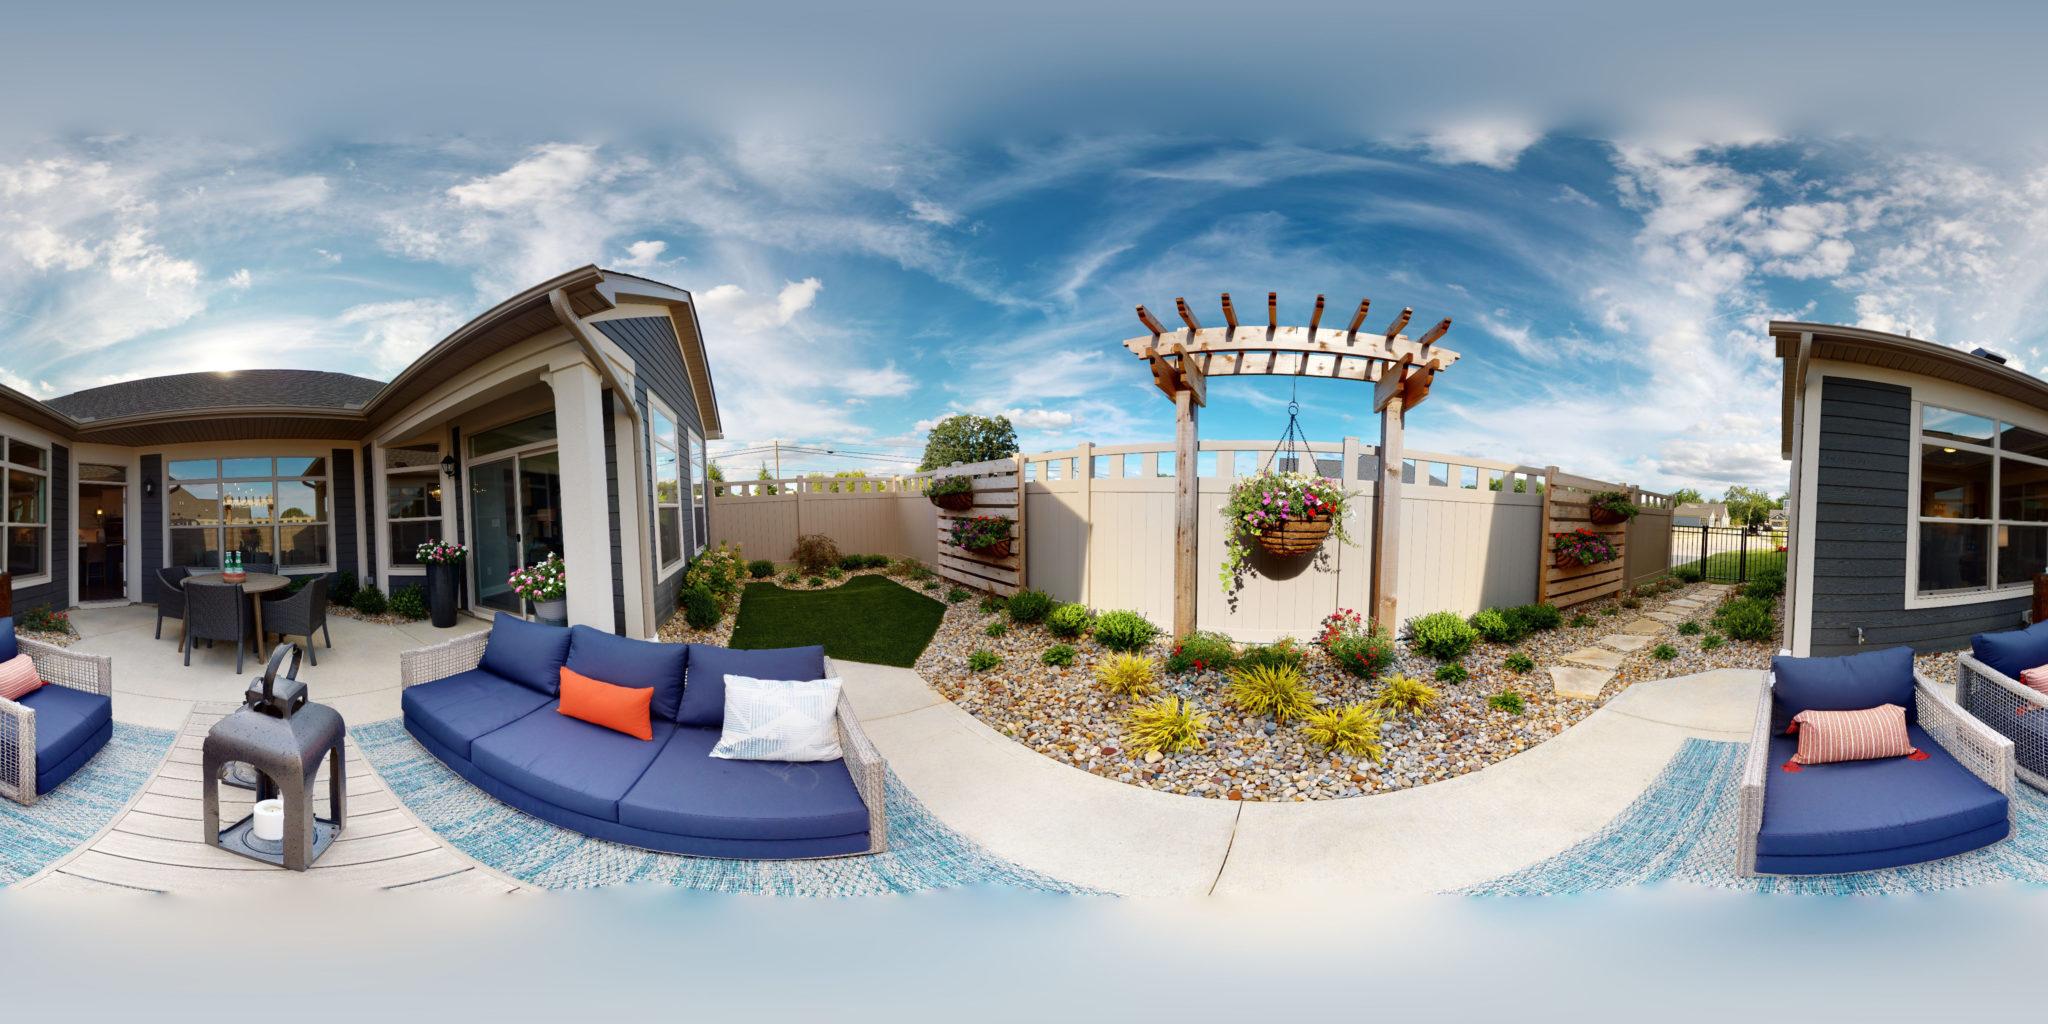 Portico_Exterior_Courtyard